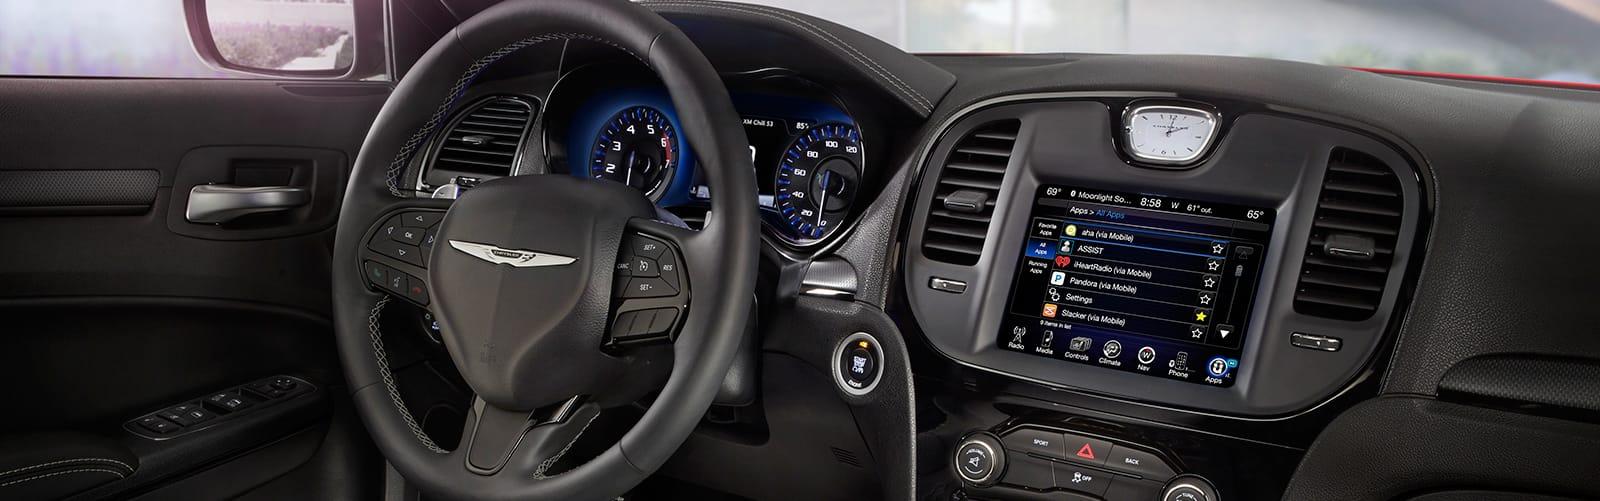 Gallery For Chrysler 300 Interior